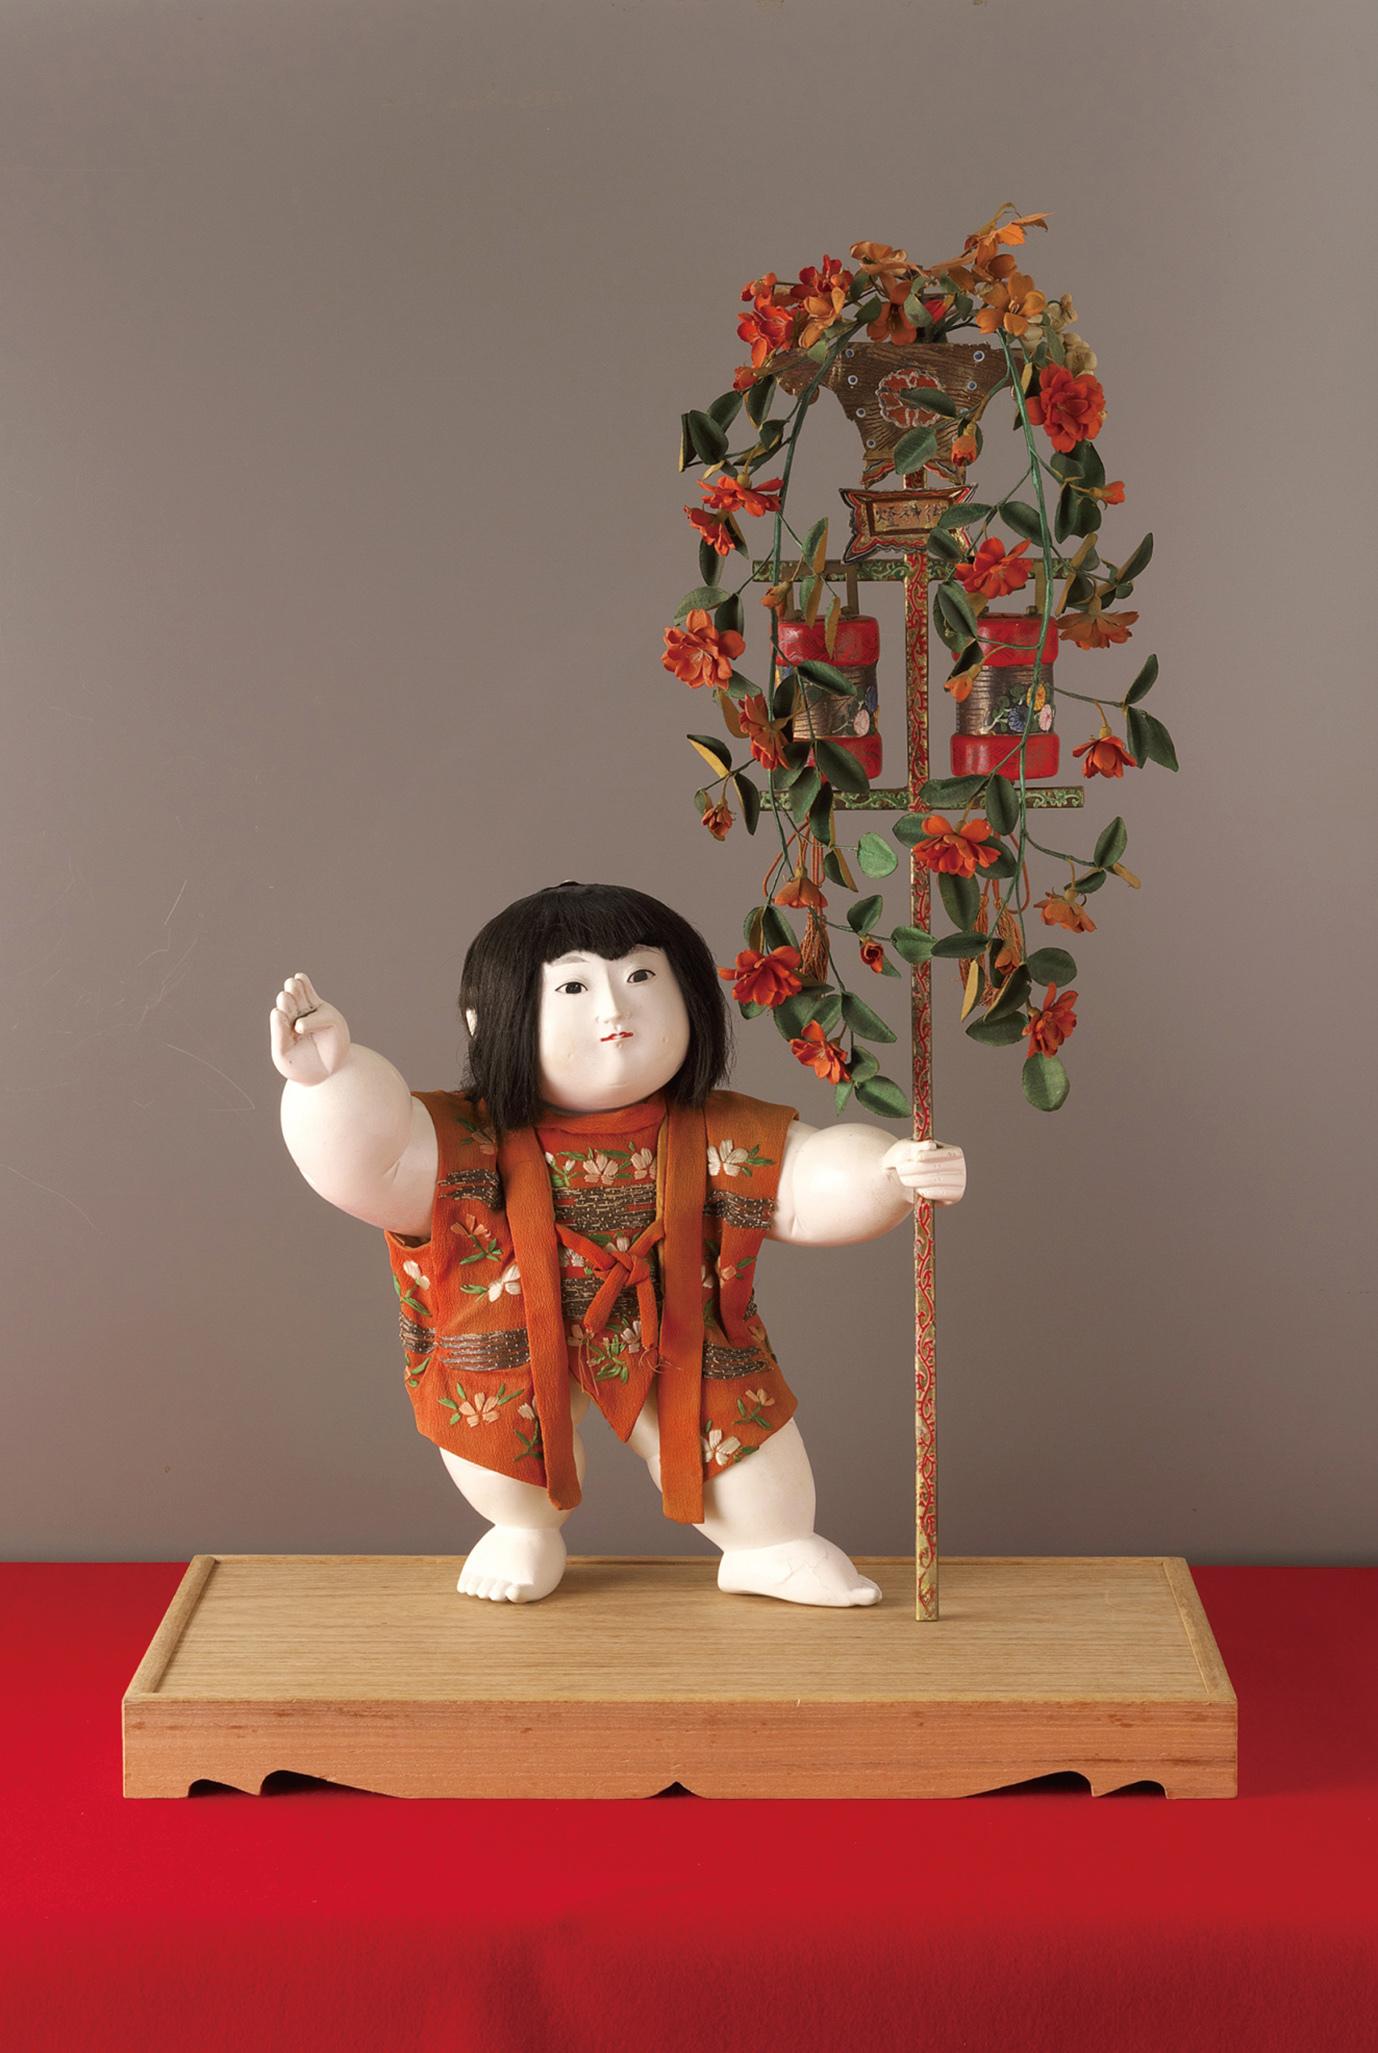 「御所人形 提灯持ち」 江戸時代後期 静嘉堂文庫美術館蔵 【全期間展示】